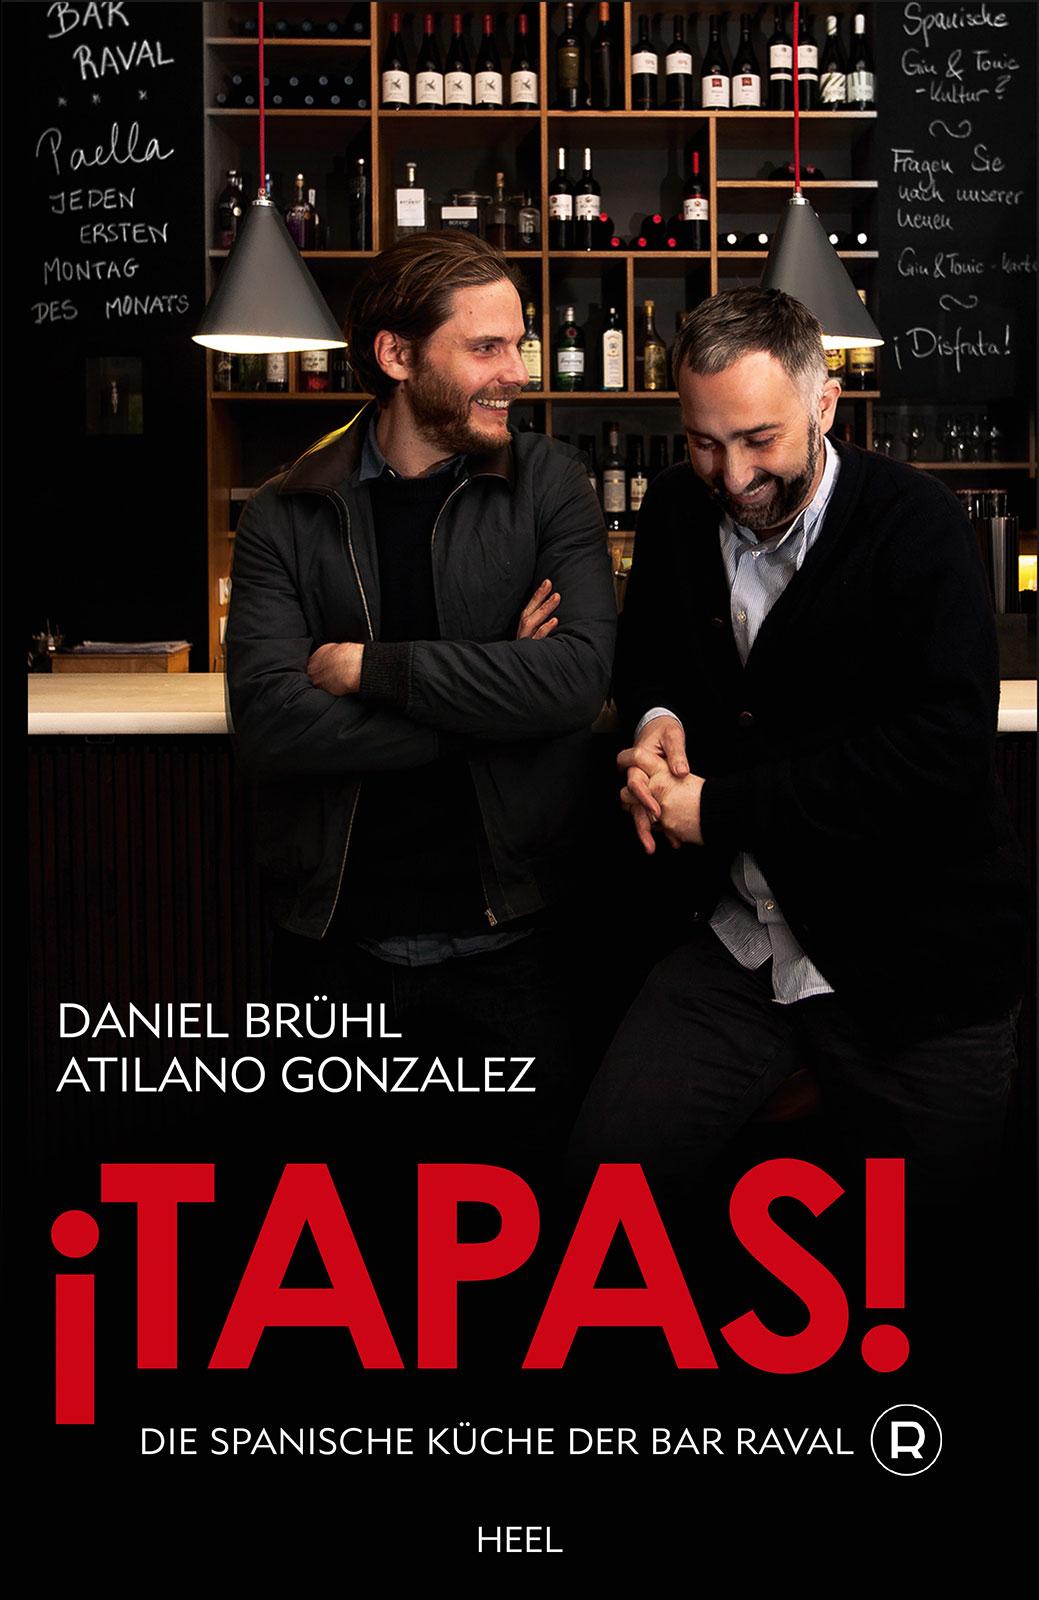 ¡Tapas!: Die spanische Küche der Bar Raval - Daniel Brühl [Gebundene Ausgabe]